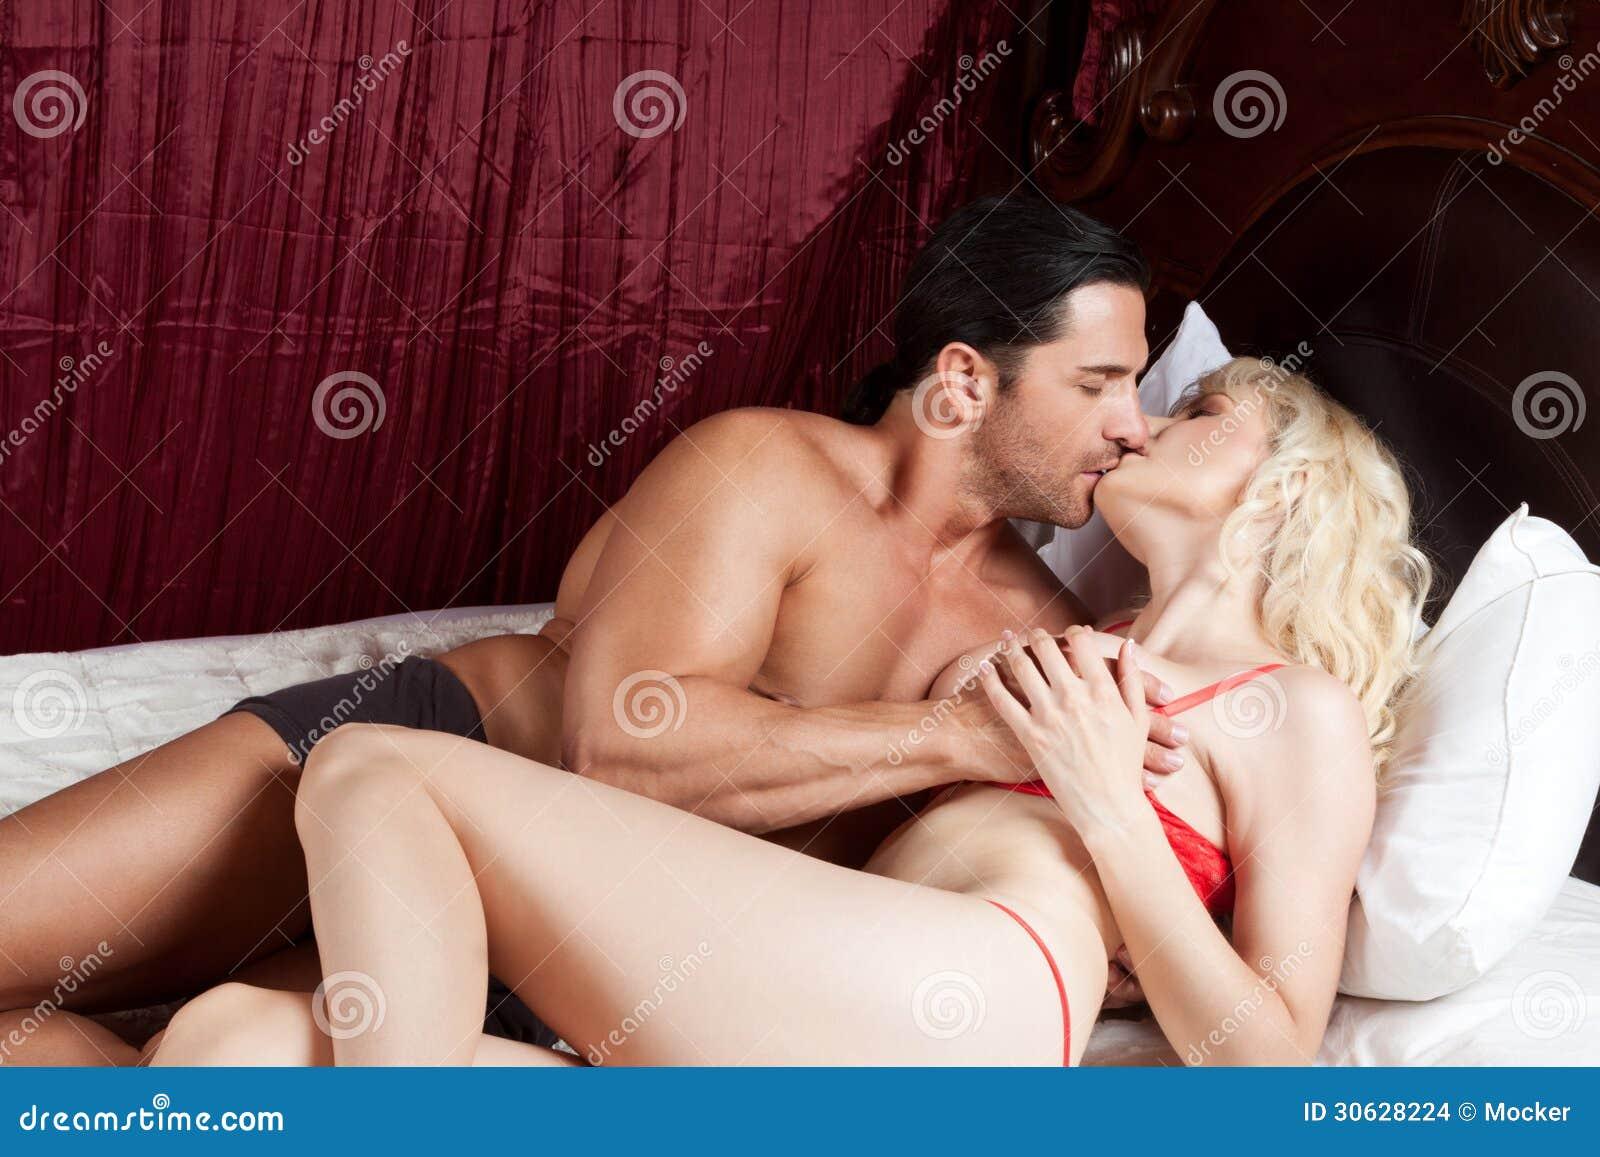 negozi sex video di massaggi sensuali